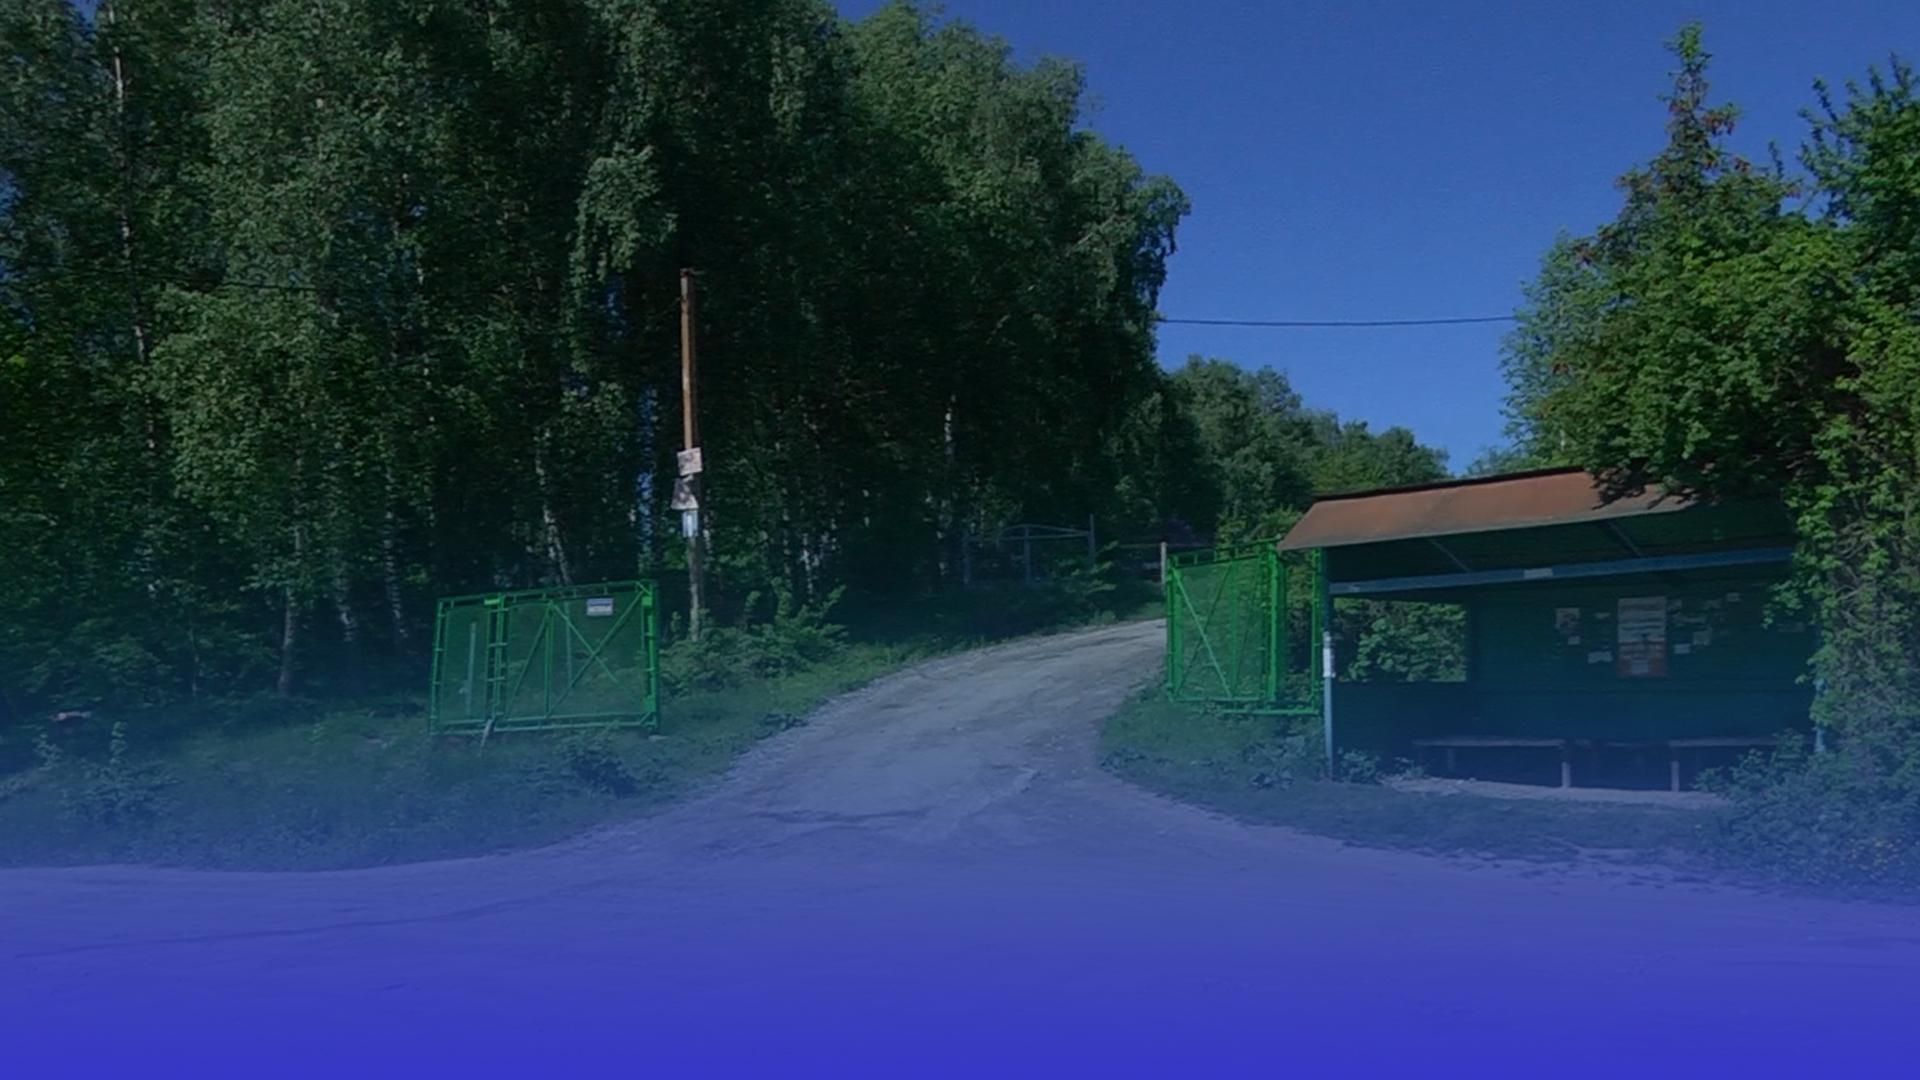 Чому вартість проїзду до Петриківських дач зросла до 10 гривень і що кажуть пенсіонери